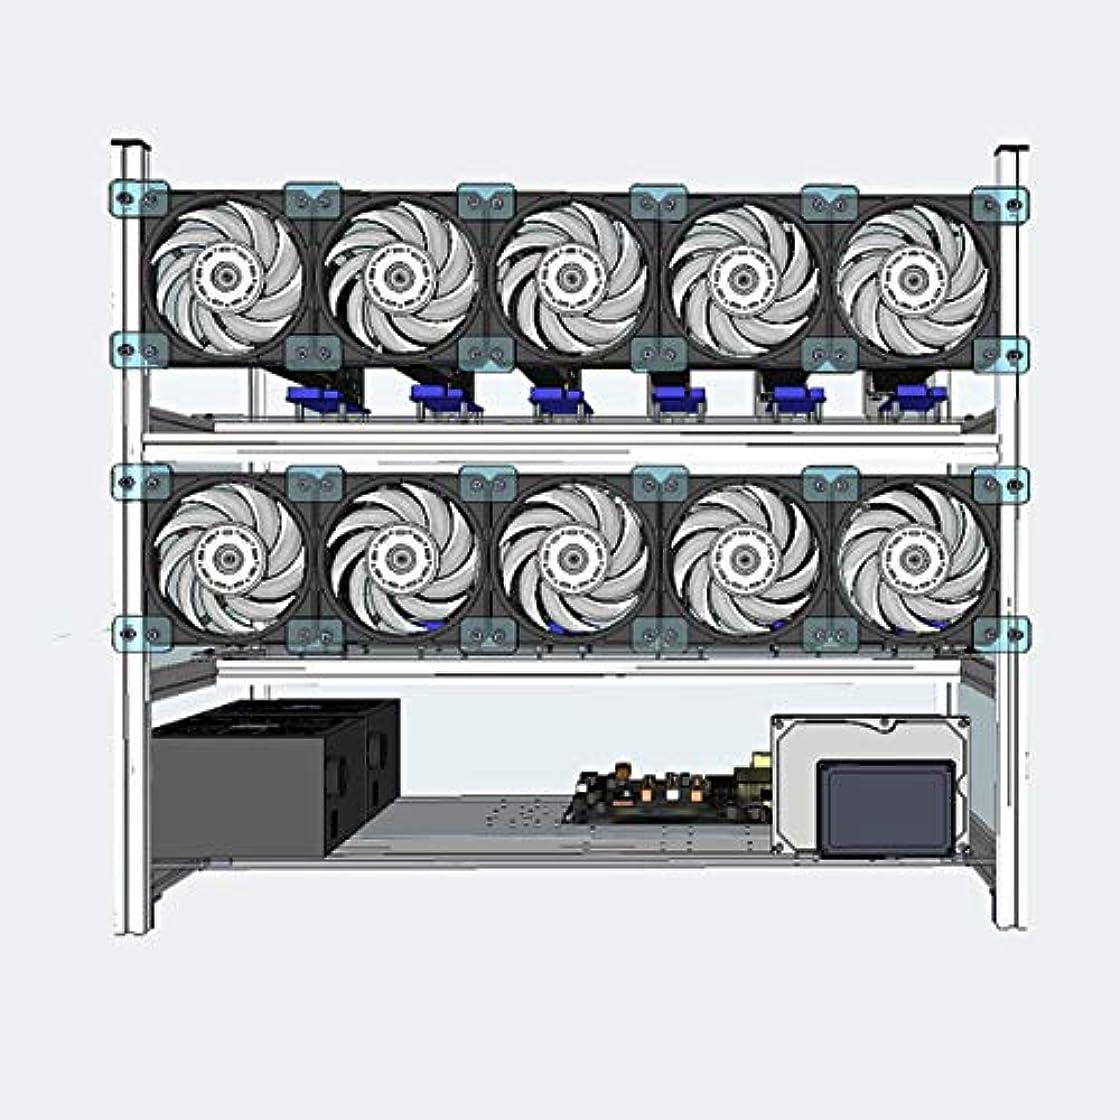 前投薬ネコスナッチFidgetGear アルミ製 オープンエアマイニングリグ 積み重ね可能フレームケースホルダー ファンなし12GPU ETH イーサリアム用